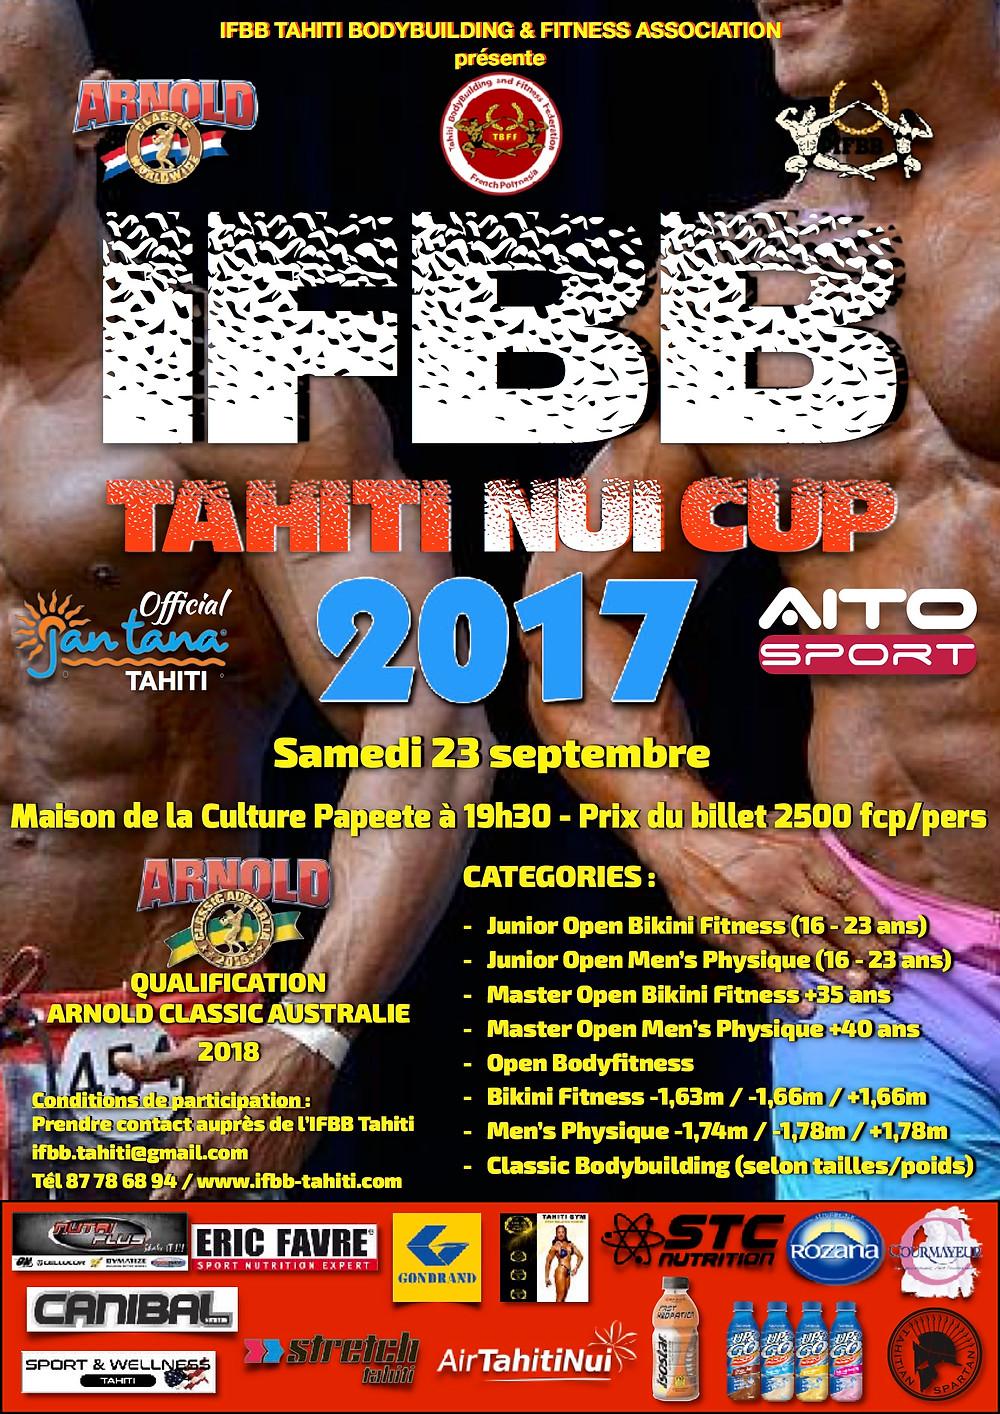 IFBB Tahiti Nui Cup Invitational 2017